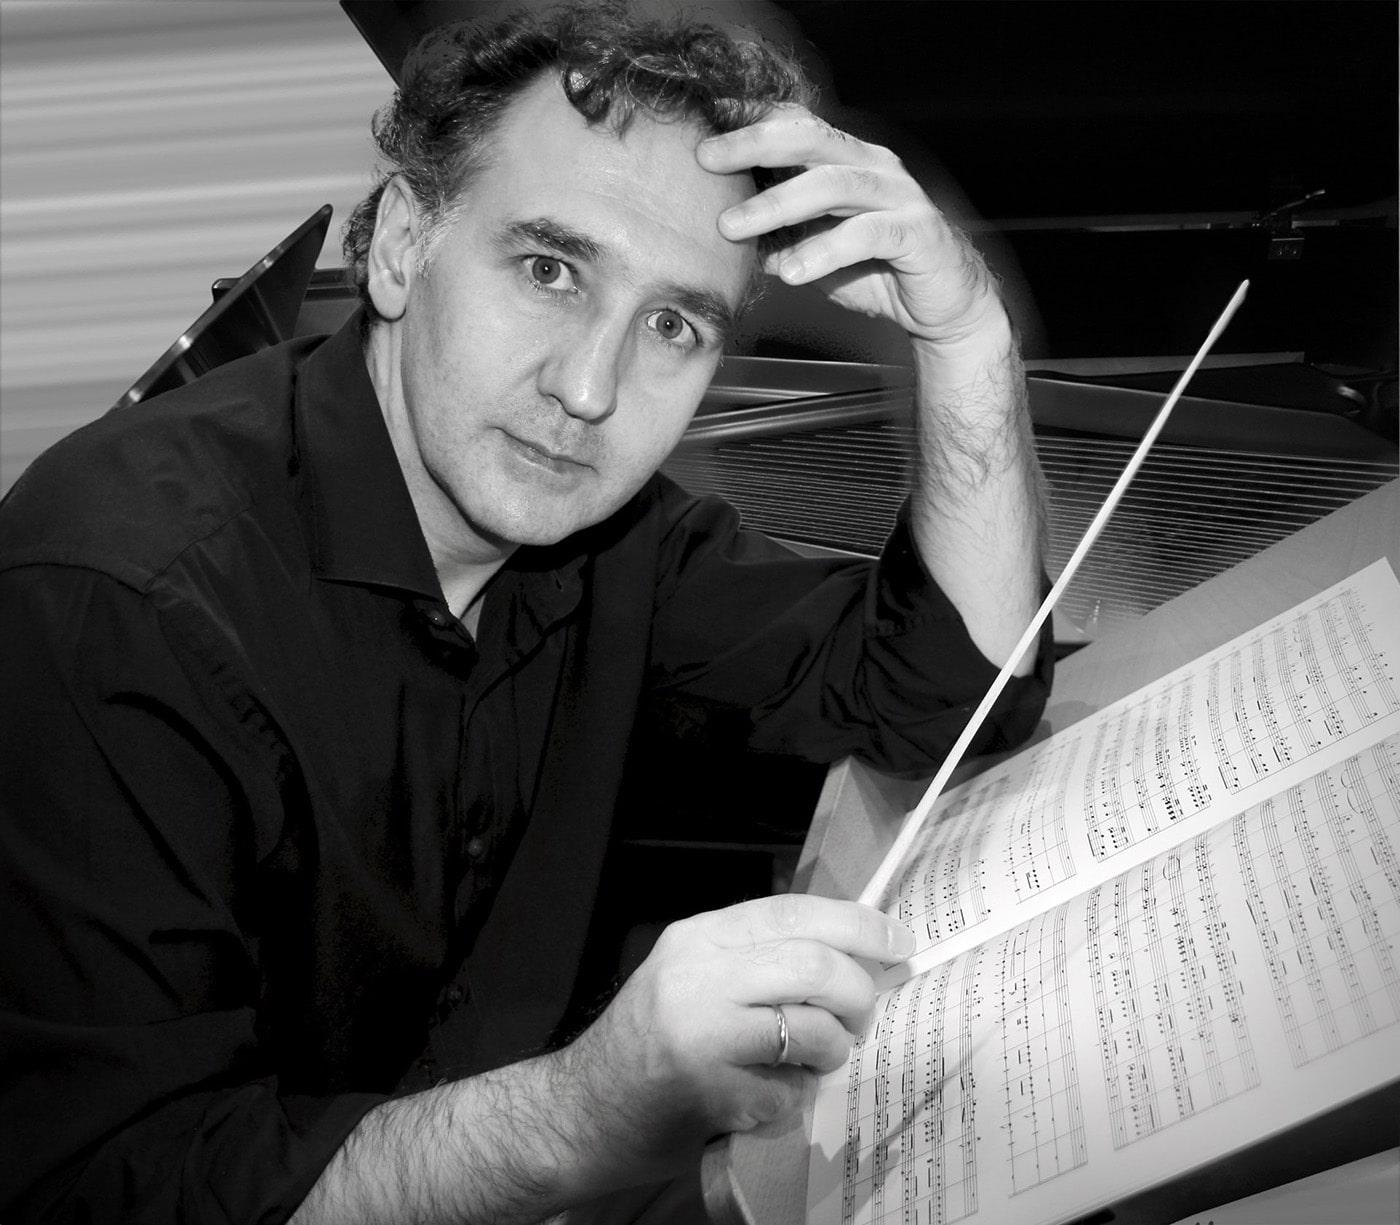 Director de orquesta estudiando el guión sobre el atril